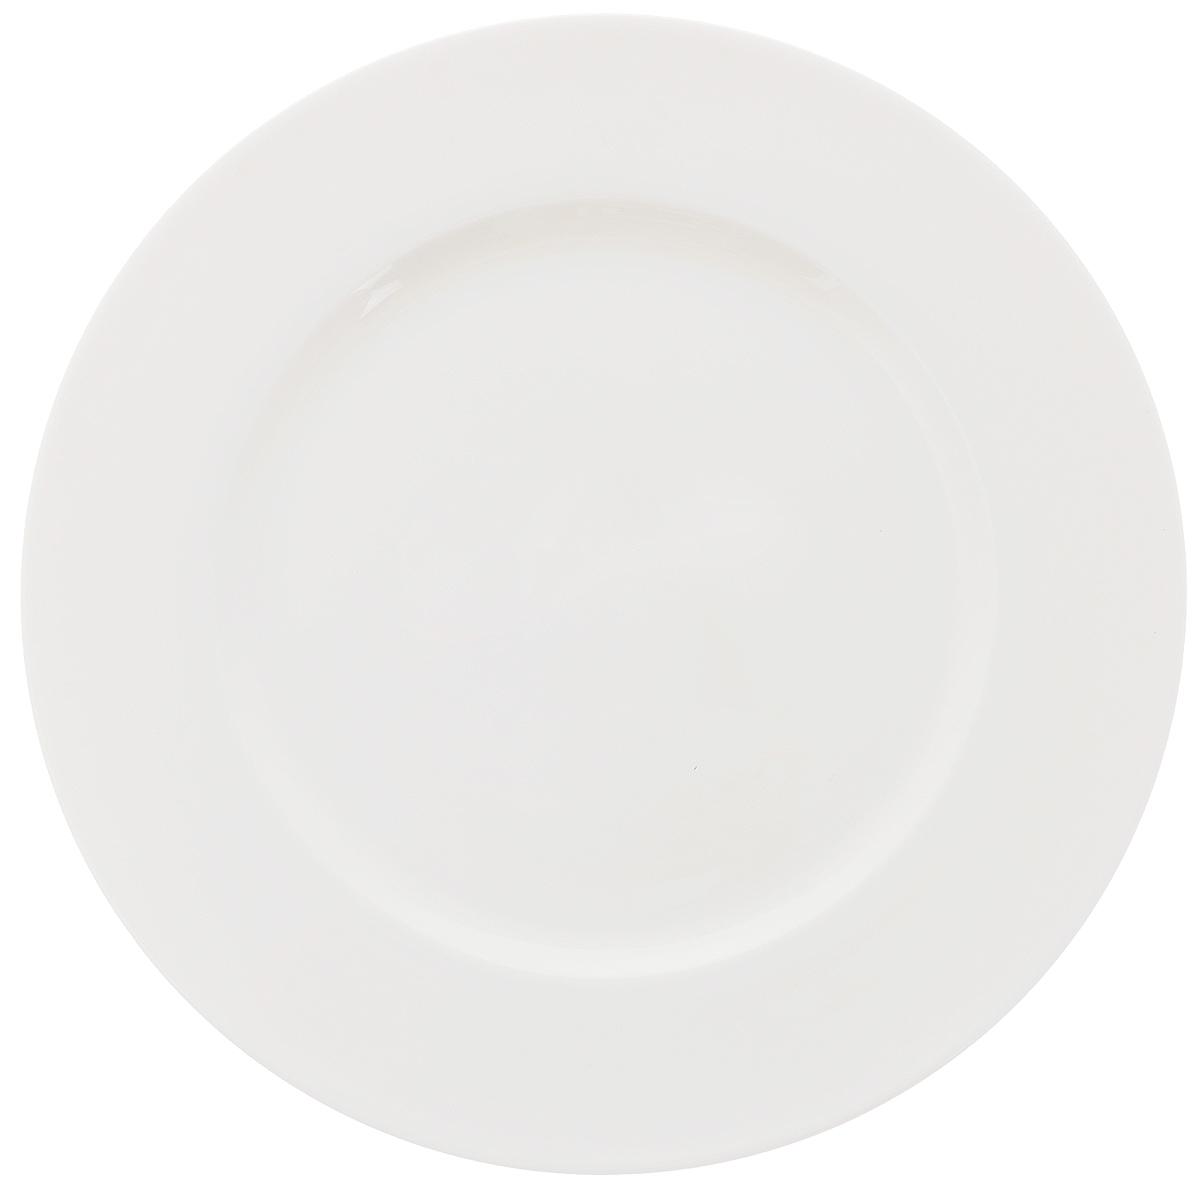 Тарелка Wilmax, диаметр 20 см. WL-991006 / AWL-991006 / AТарелка Wilmax, изготовленная из высококачественного фарфора, имеет классическую круглую форму. Оригинальный дизайн придется по вкусу и ценителям классики, и тем, кто предпочитает утонченность и изысканность. Тарелка Wilmax идеально подойдет для сервировки стола и станет отличным подарком к любому празднику.